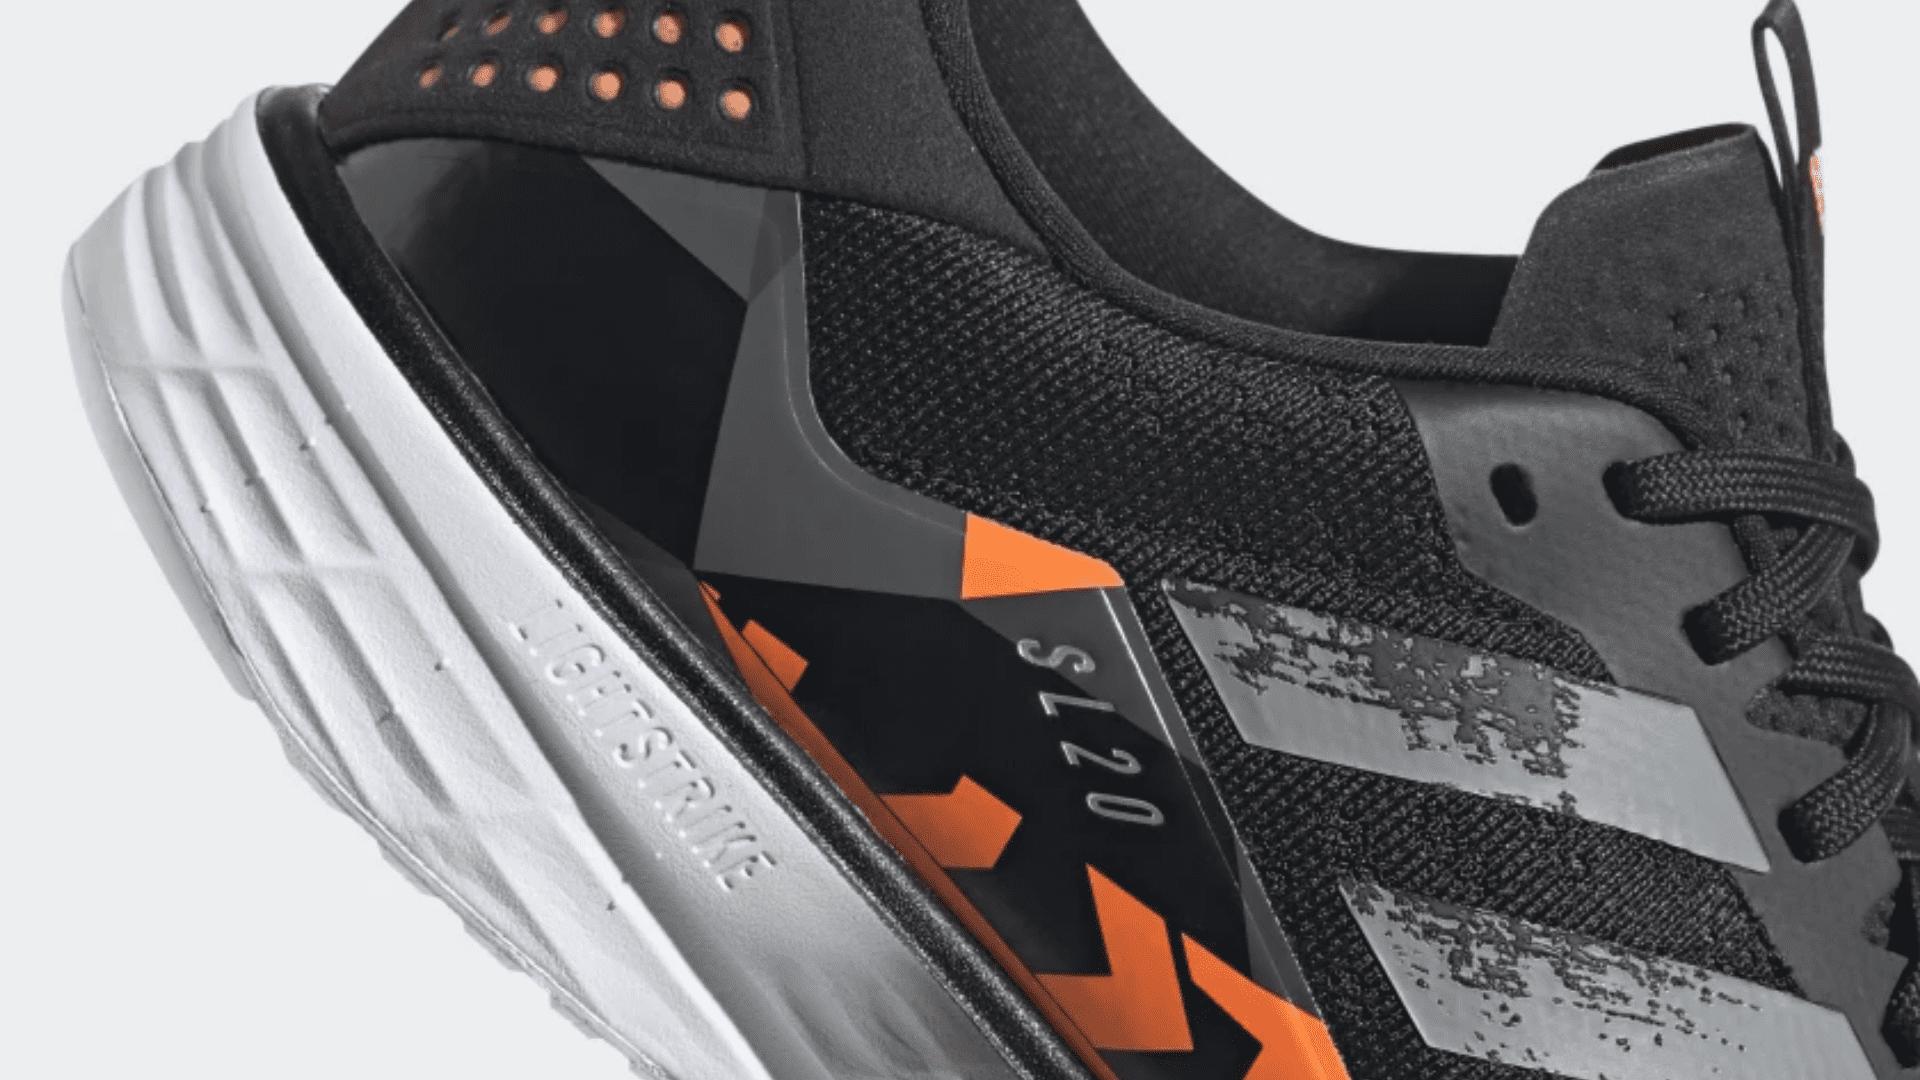 O Adidas SL20 garante um amortecimento leve e confortável (Imagem: Divulgação/Adidas)